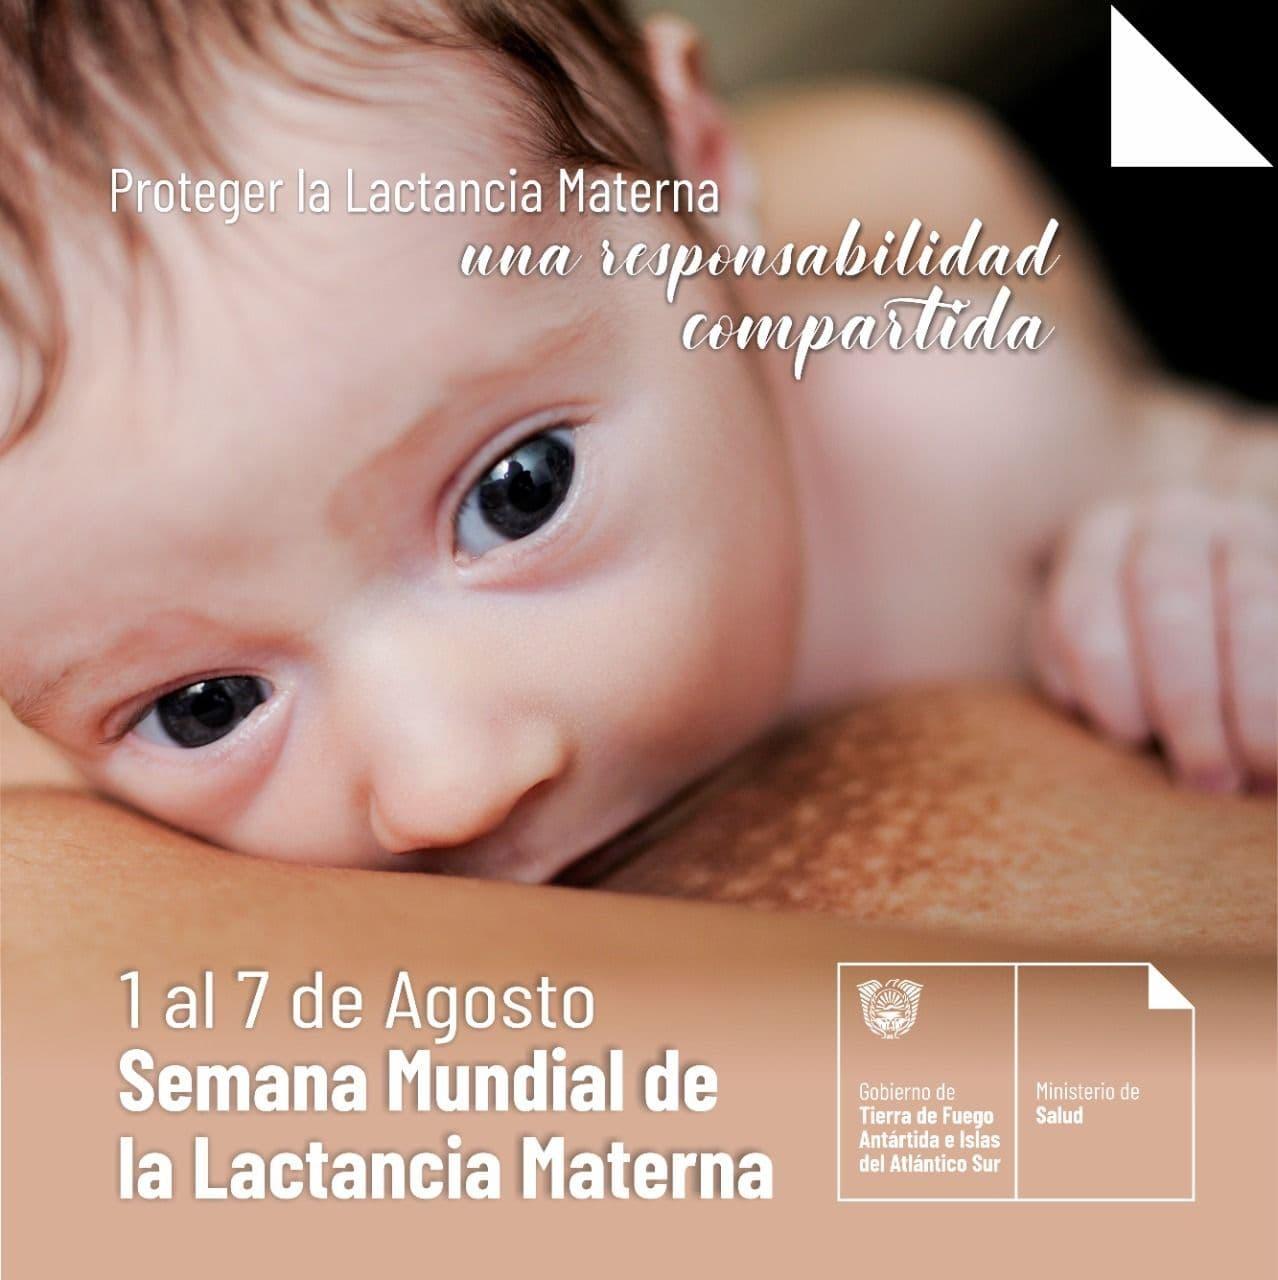 Profesionales médicos destacan que la lactancia materna es la fuente de múltiples beneficios